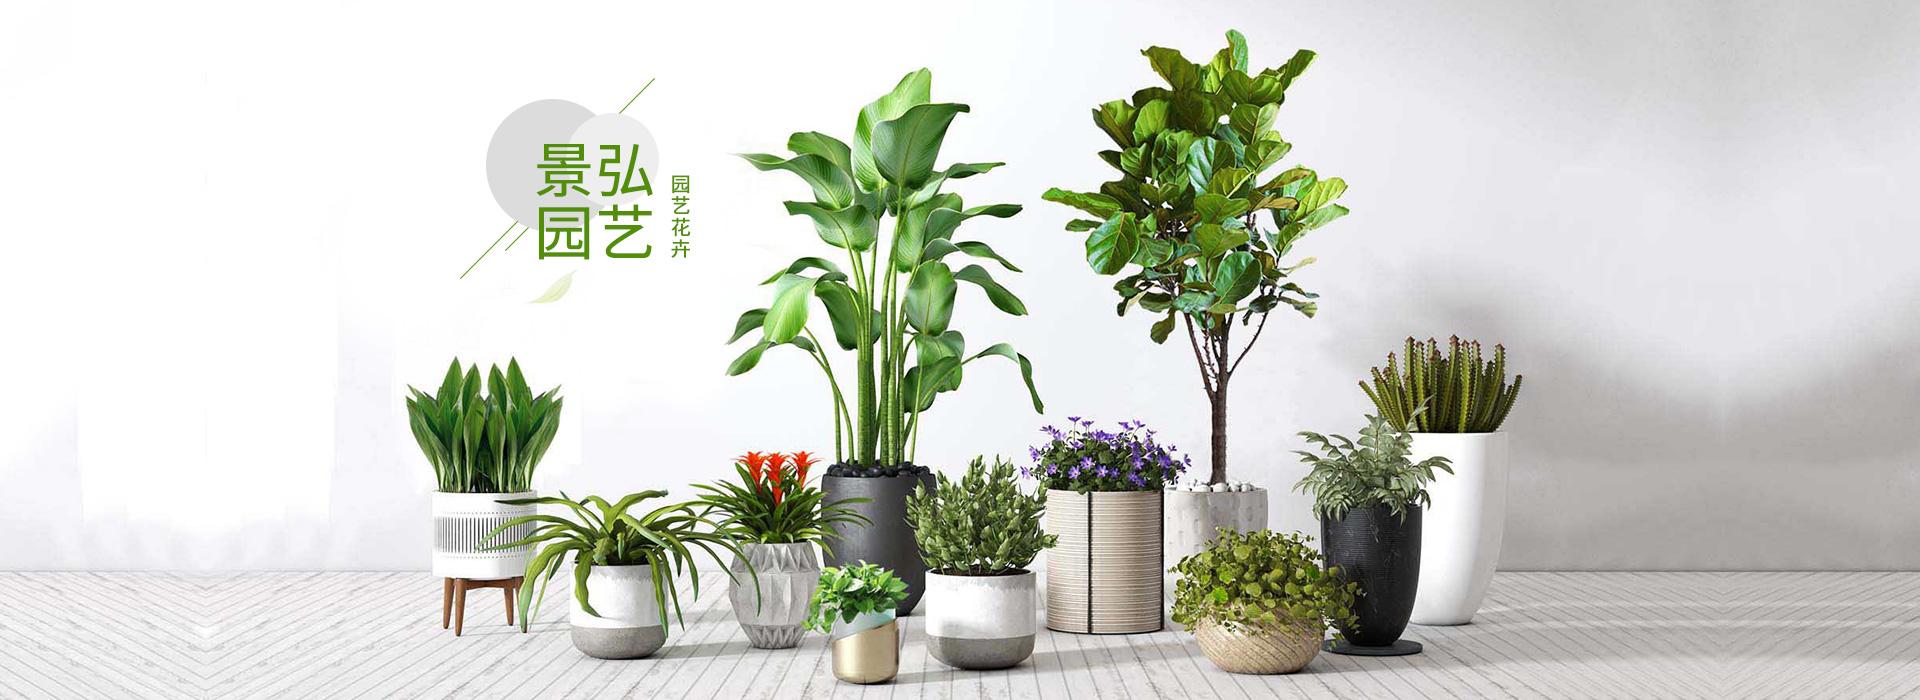 公司绿植出租-景弘园艺